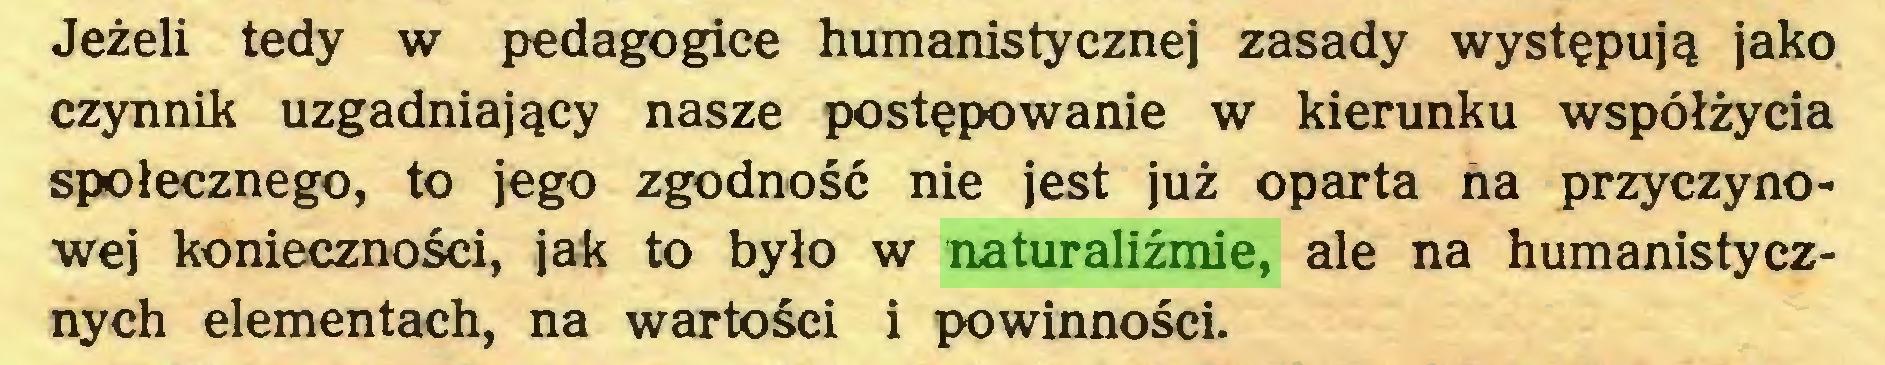 (...) Jeżeli tedy w pedagogice humanistycznej zasady występują jako czynnik uzgadniający nasze postępowanie w kierunku współżycia społecznego, to jego zgodność nie jest już oparta na przyczynowej konieczności, jak to było w naturaliźmie, ale na humanistycznych elementach, na wartości i powinności...